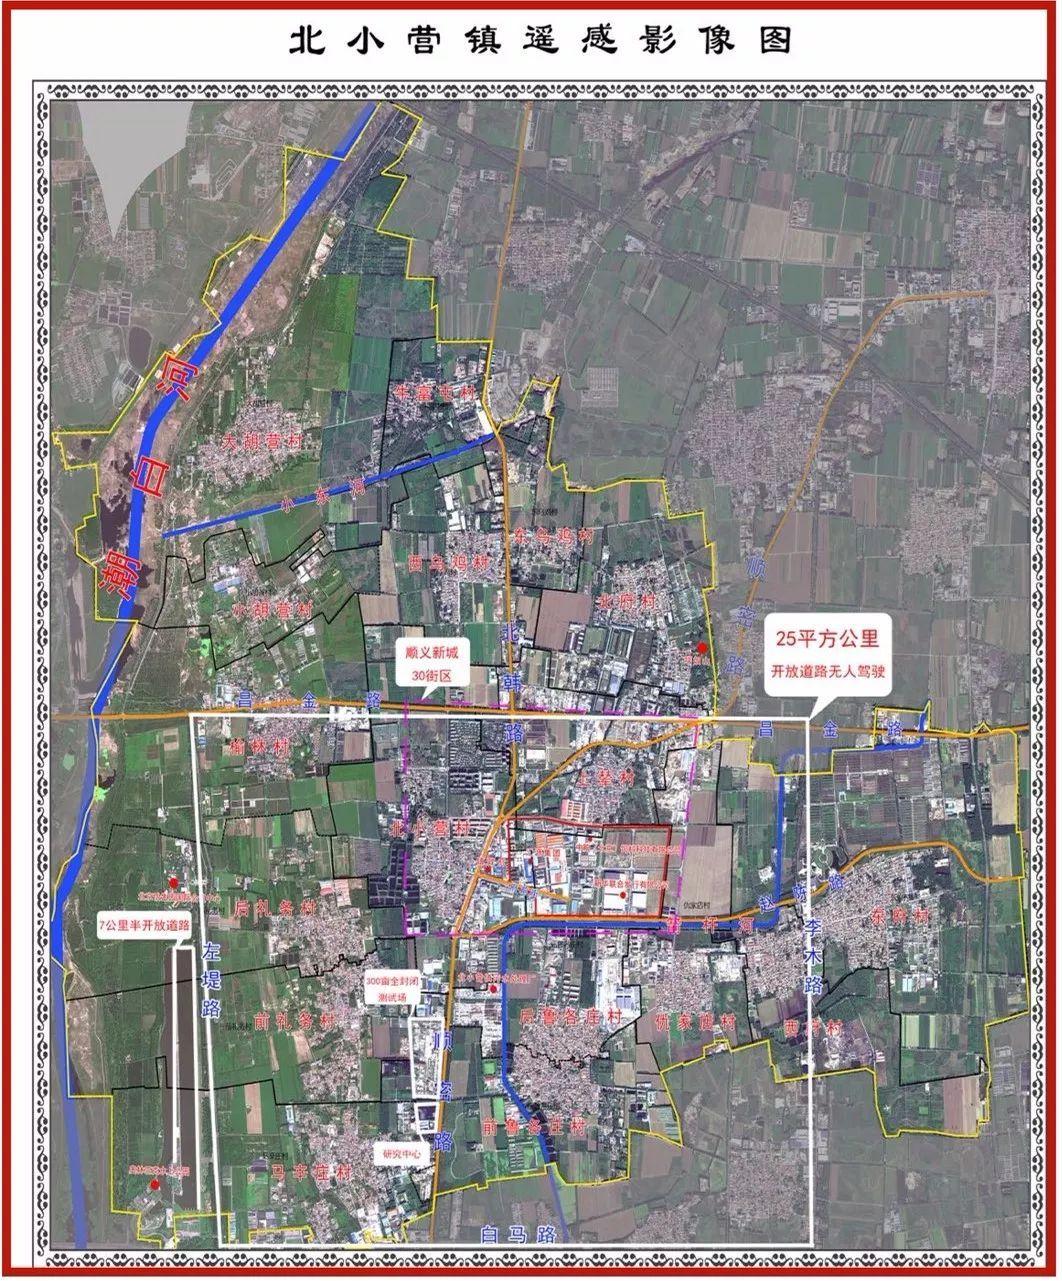 总投资约4.8亿元 北京顺义将建无人驾驶试验场